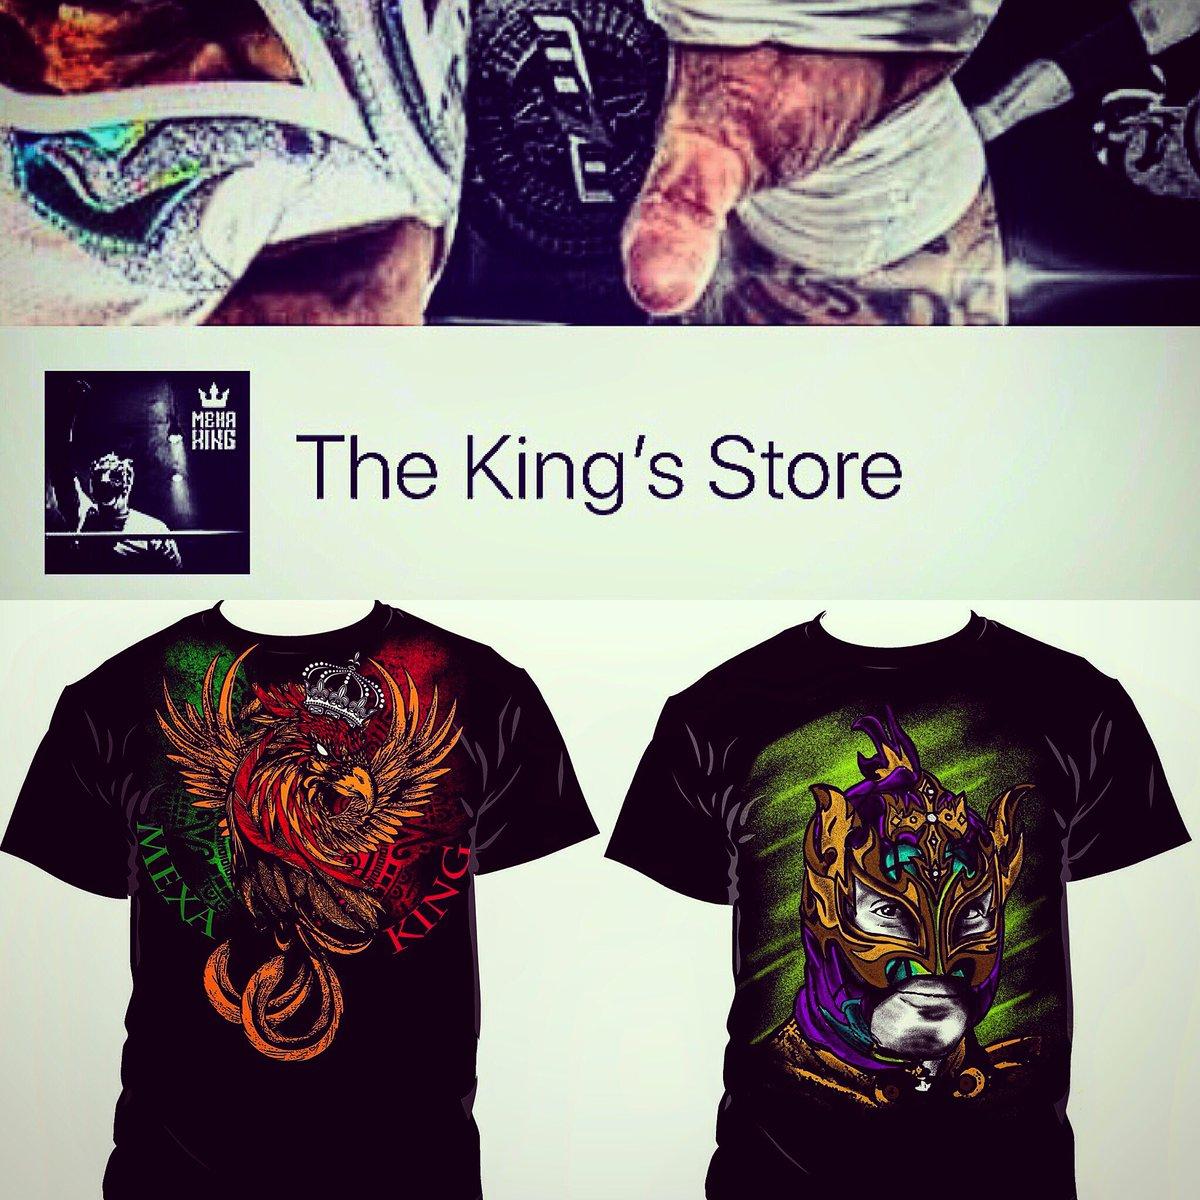 Busca la página oficial #TheKing'sStore dale Like 👍🏻 y comparte. Hemos presentado estos 2 diseños #MexaKing01 #TheKing90 Está al pendiente de la página, pronto iniciamos la venta de productos. m.facebook.com/The-Kings-Stor…